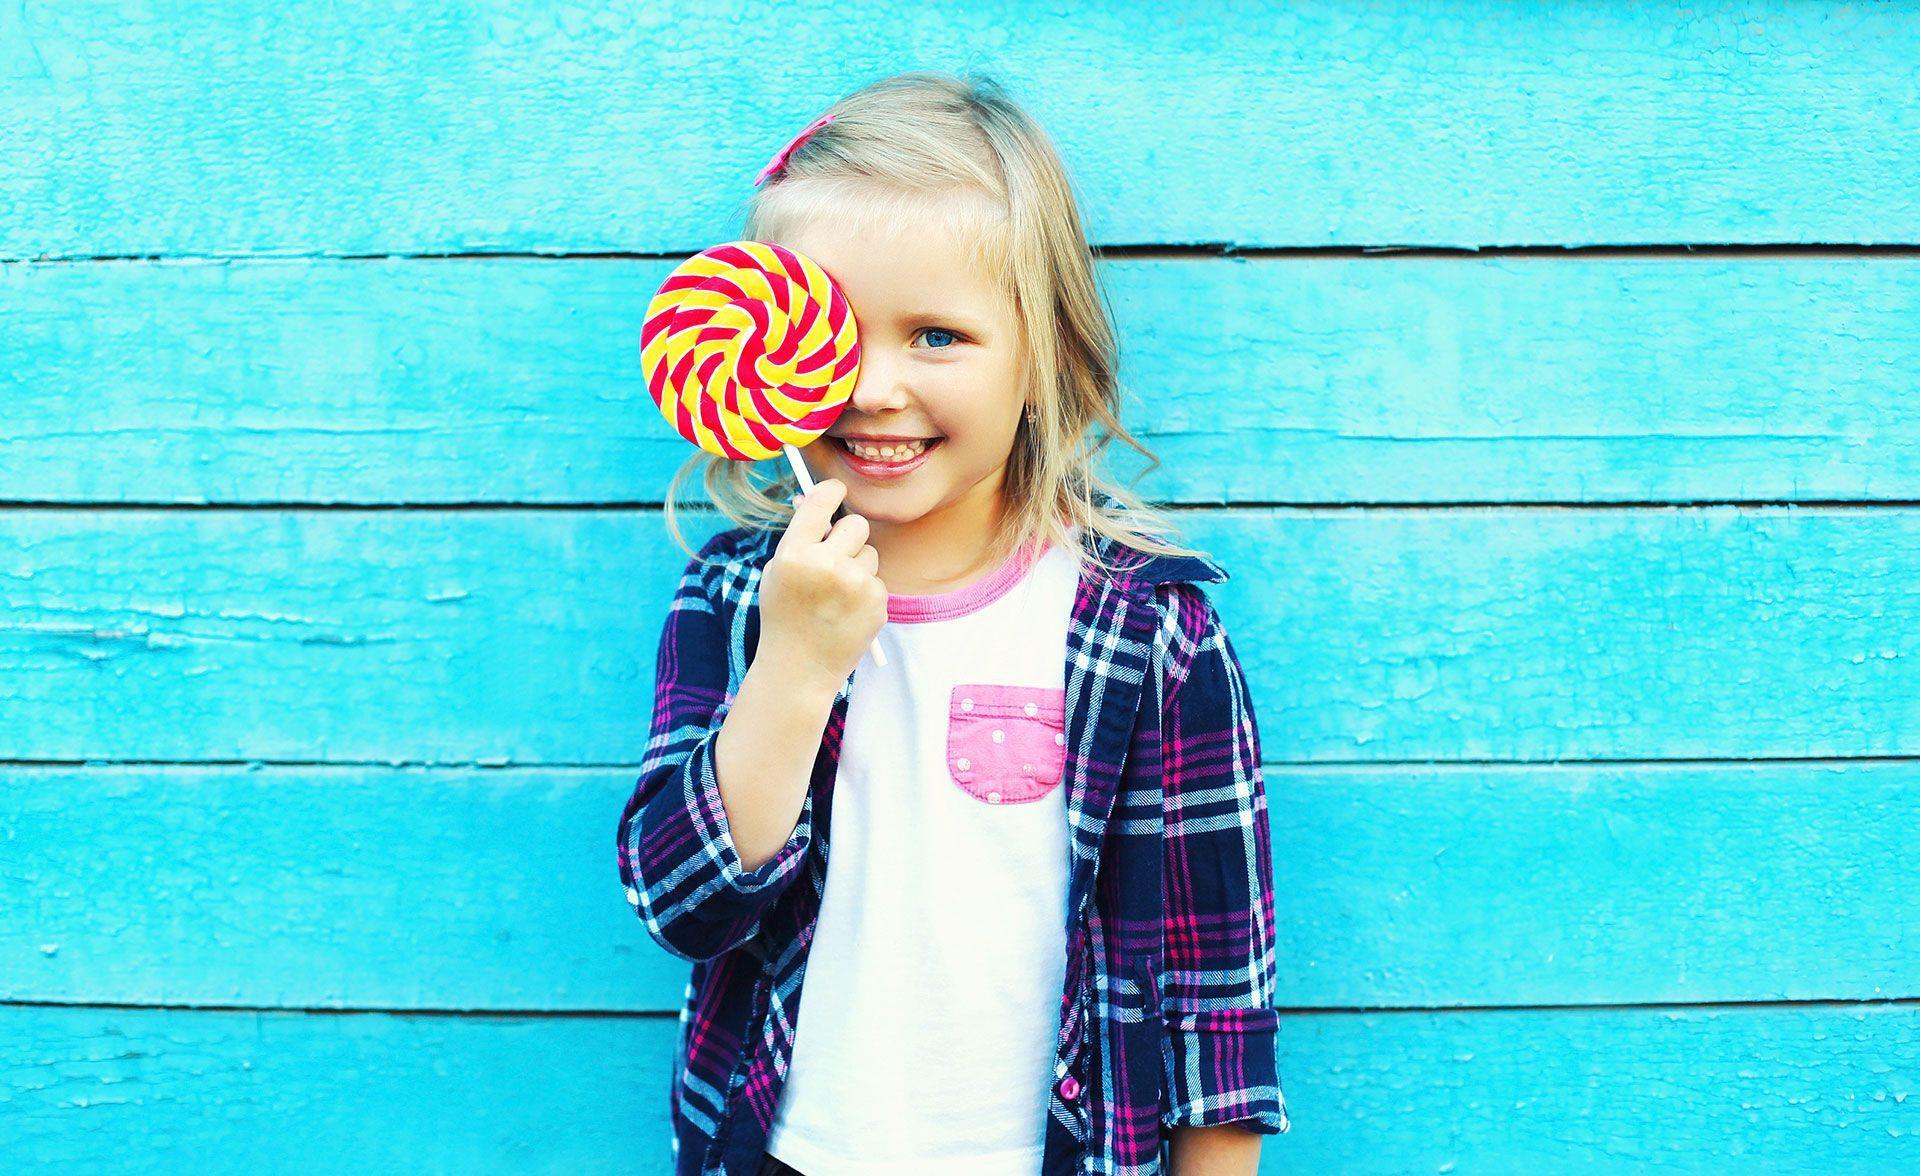 dlaczego dzieci lubią słodycze